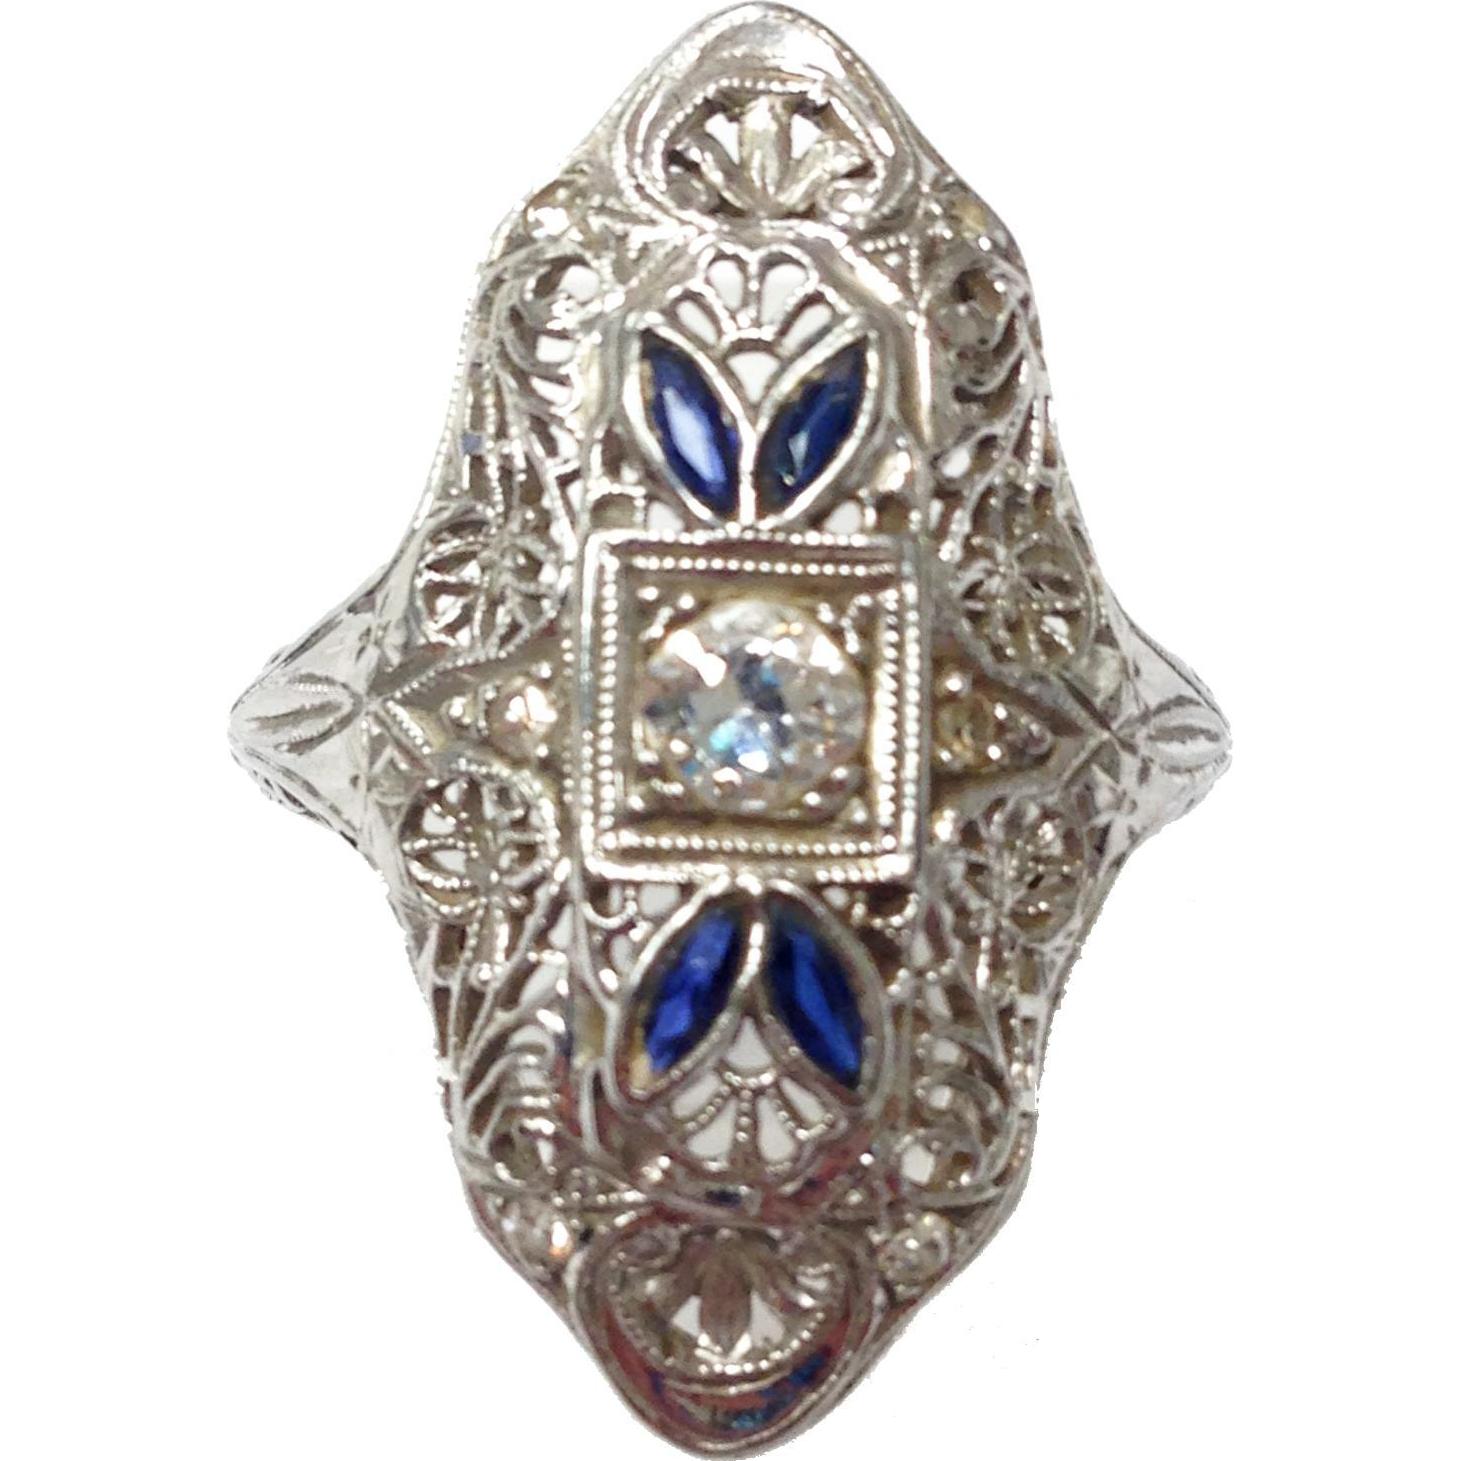 Art Deco filigree dinner Ring  of 18k white gold .25 carat diamond and sapphires